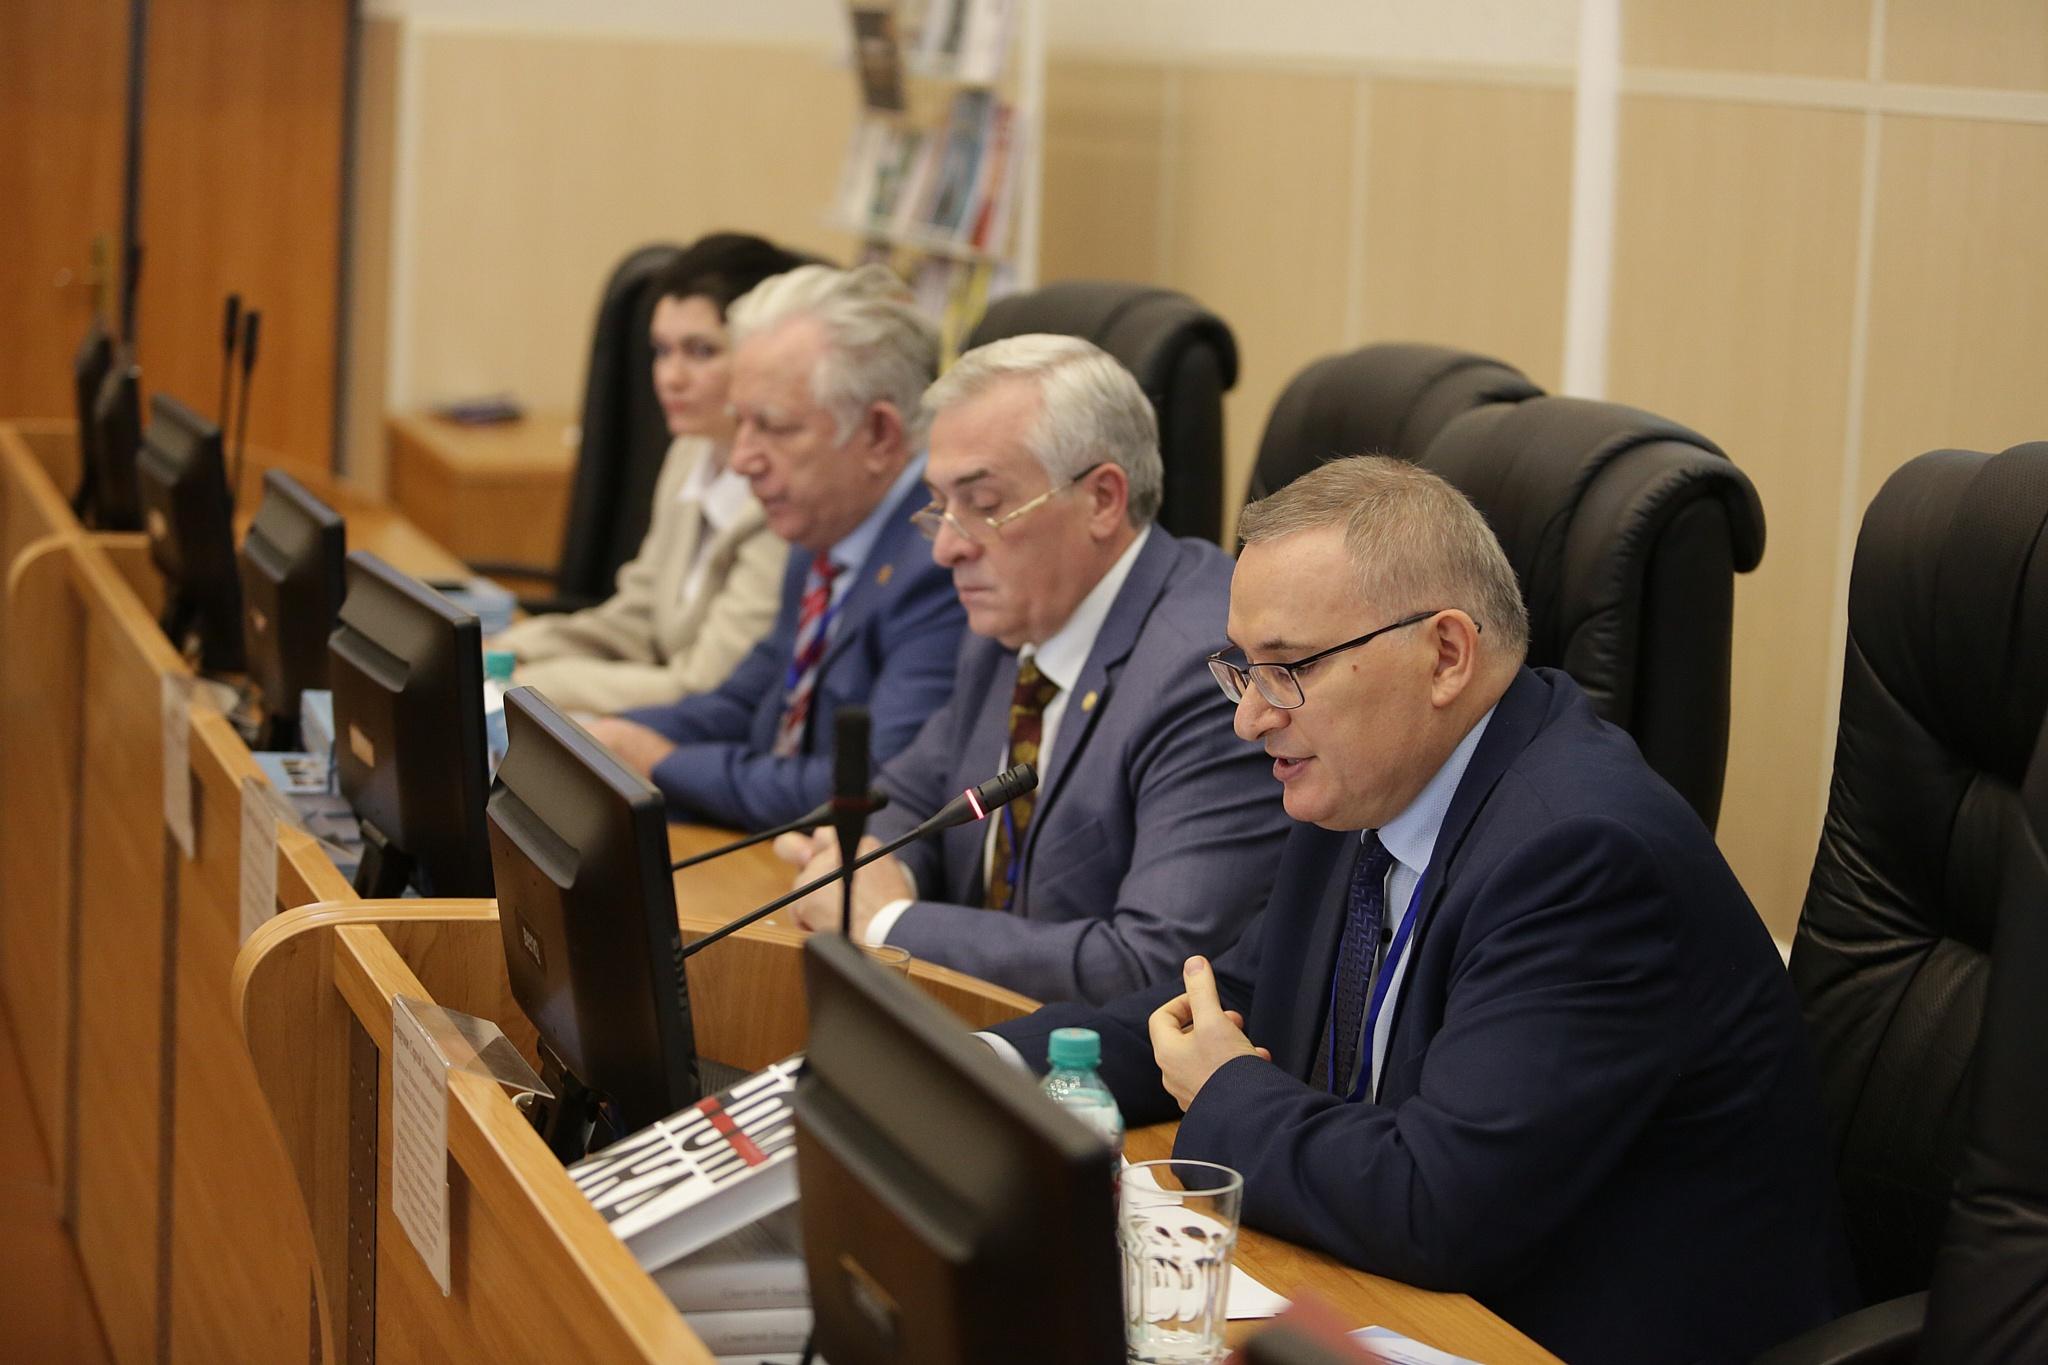 УрГЭУ расширяет границы сотрудничества с международным союзом